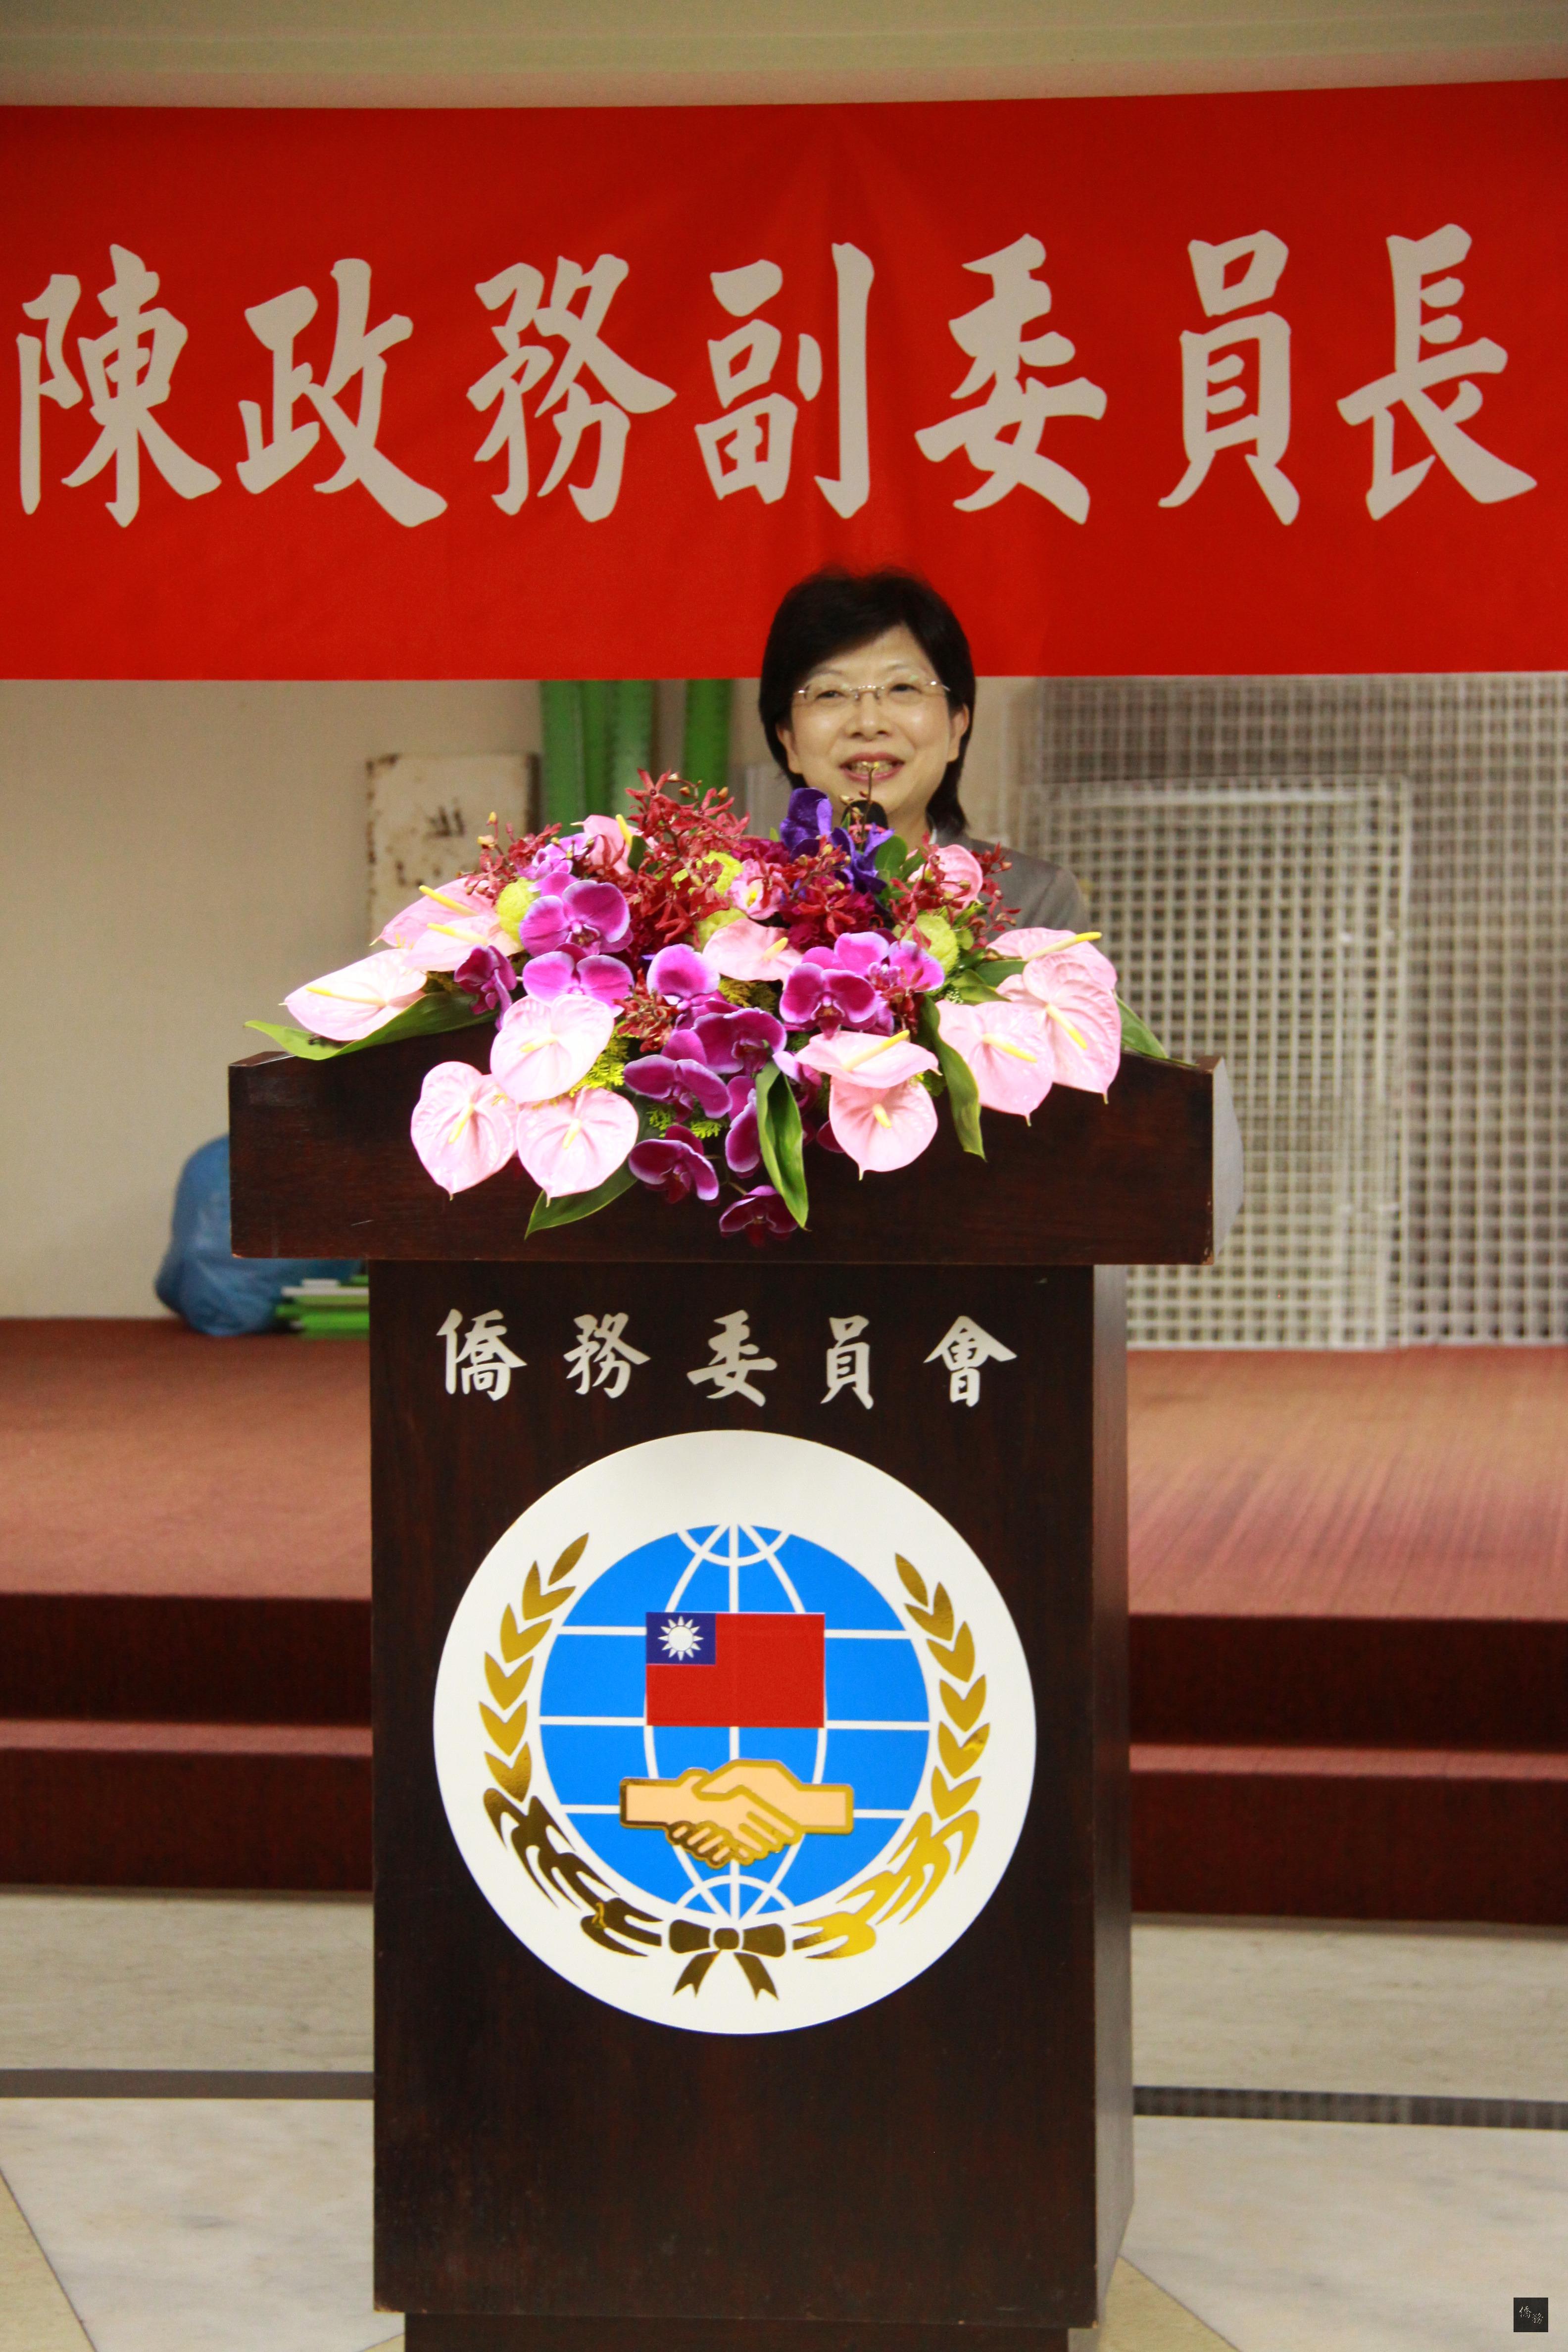 財團法人海外信用保證基金董事長宮文萍表示,她非常敬佩僑委會副委員長陳玉梅卓越的行動力。